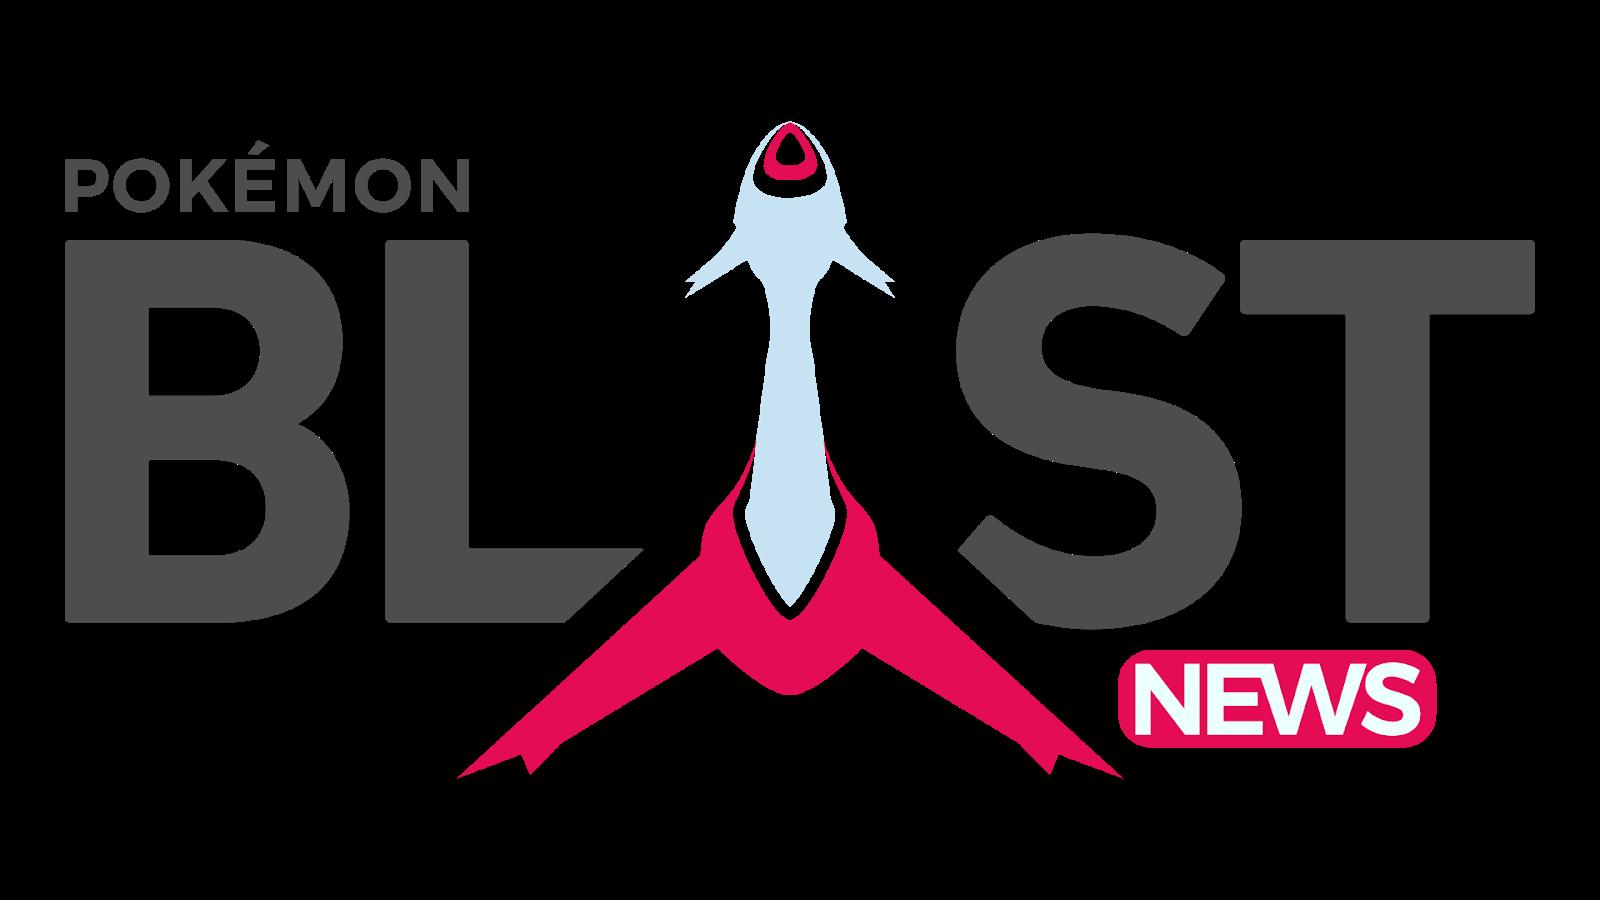 Pokémon Blast News